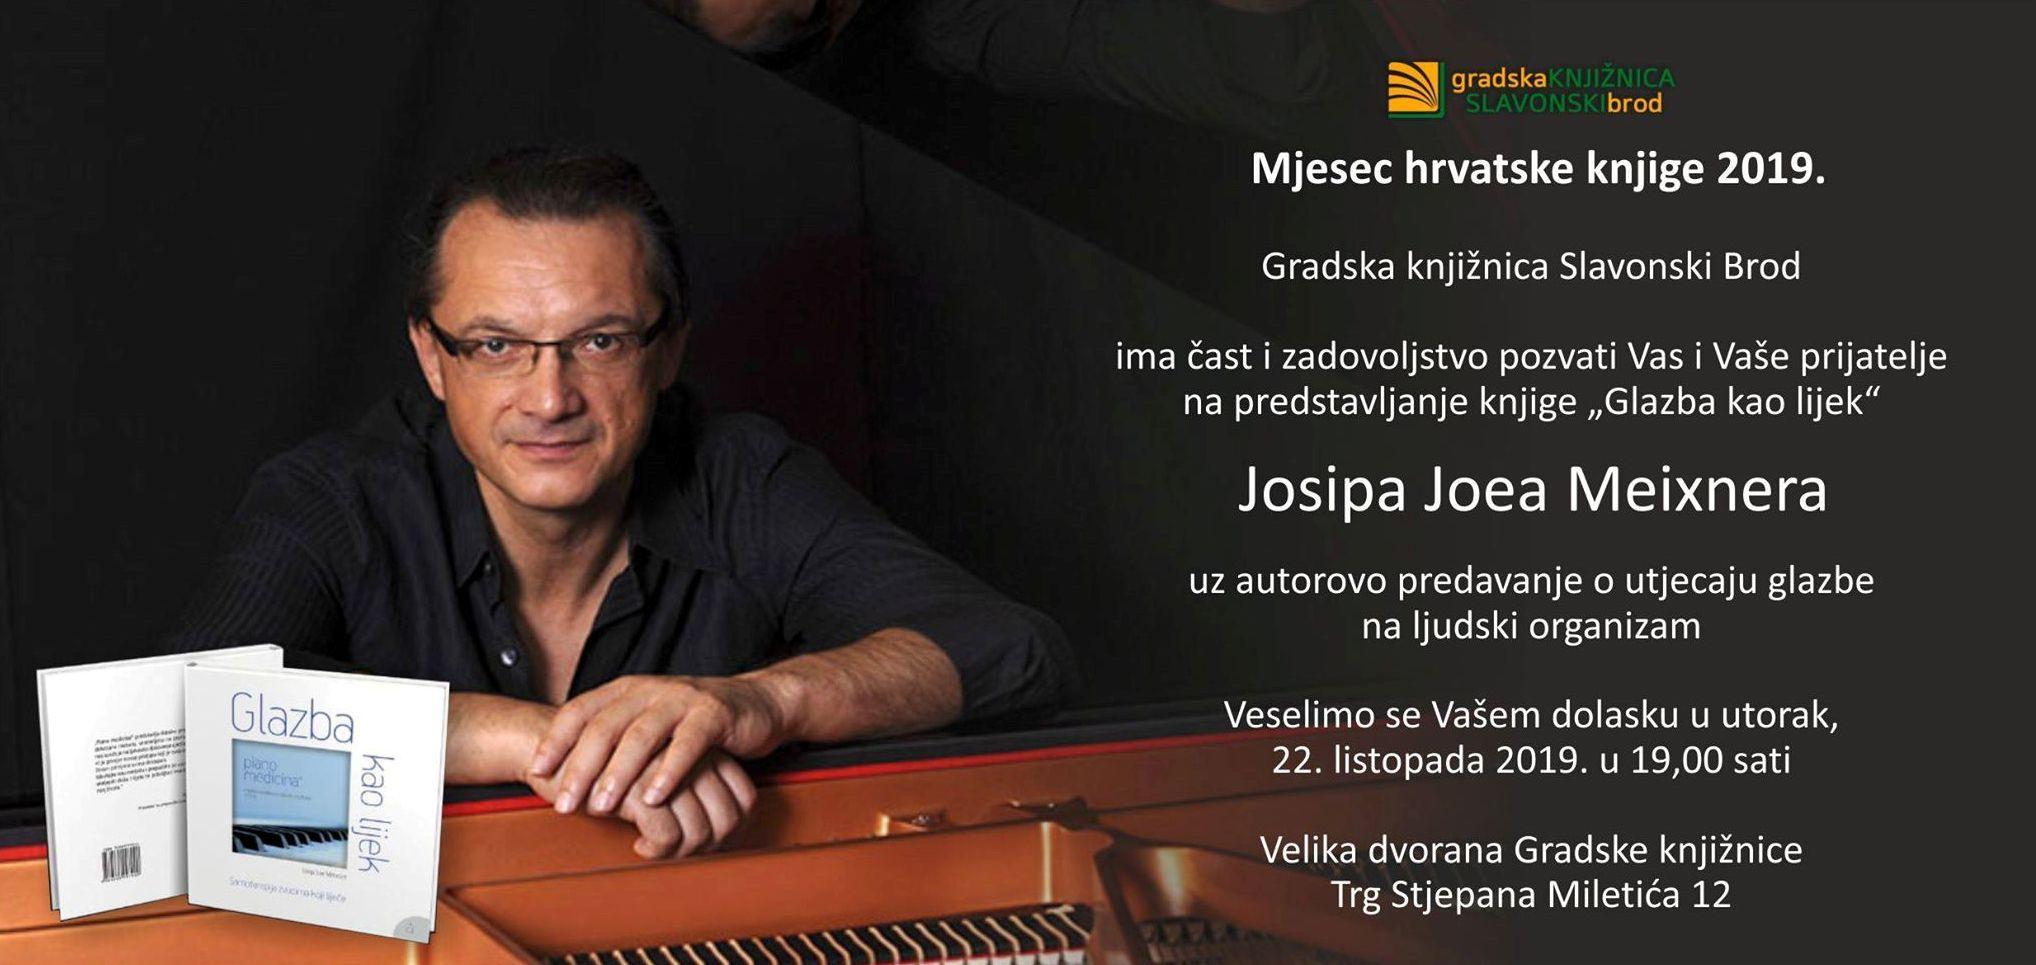 """Svjetski poznati pijanist Josip Joe Meixner večeras u Slavonskom Brodu predstavlja svoju knjigu """"Glazba kao lijek"""""""